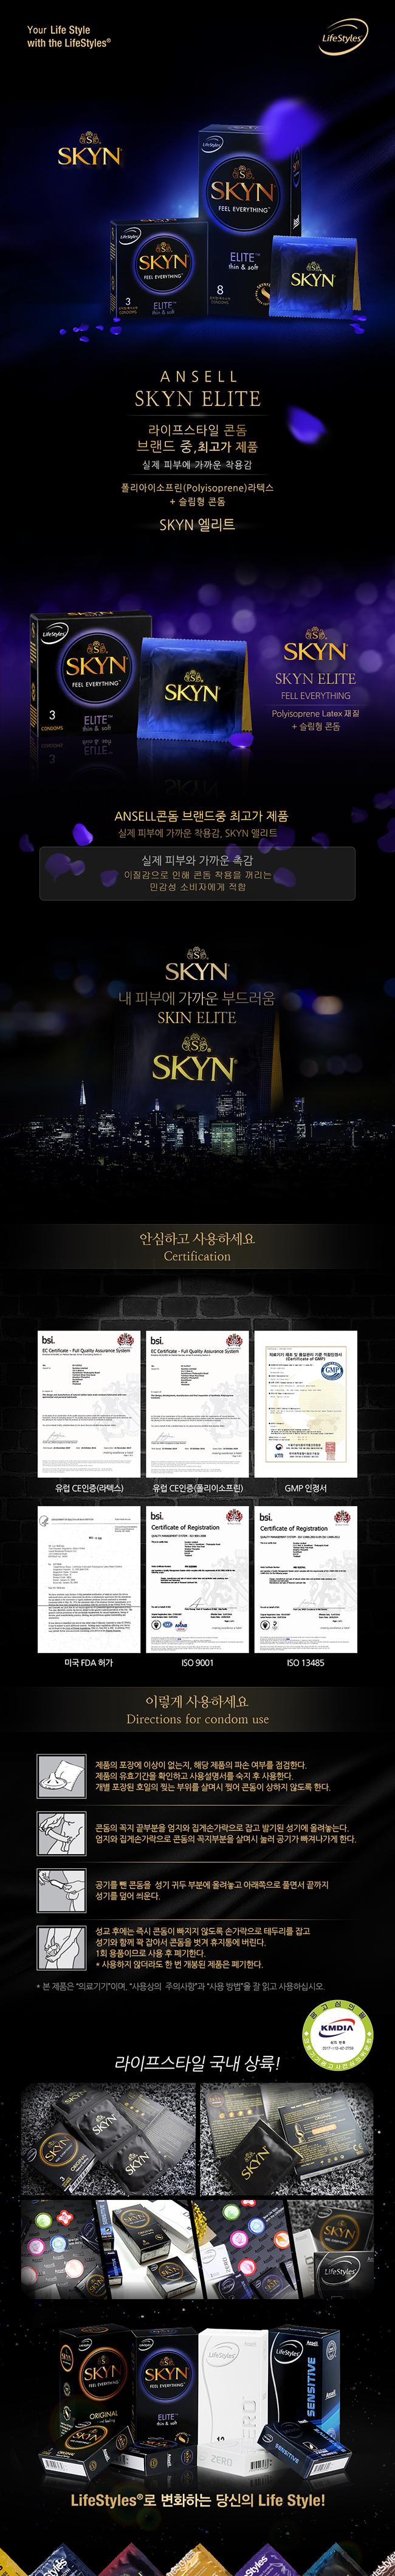 [초박형 특수소재] 스킨 엘리트 울트라 씬 & 울트라 소프트(SKYN Elite Ultra Thin & Ultra Soft)